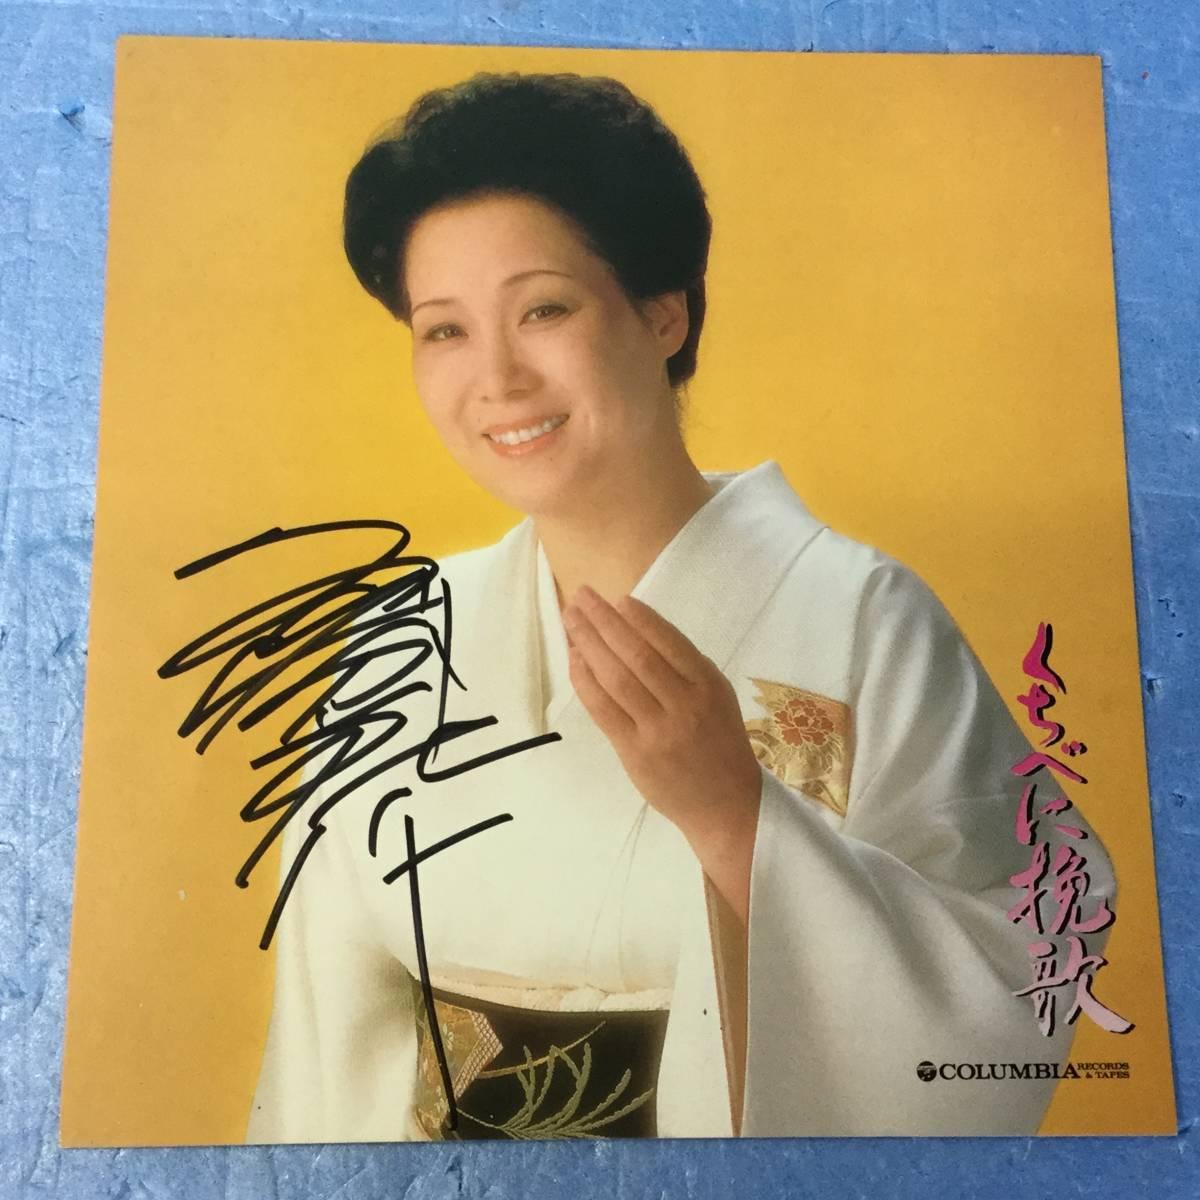 島倉千代子 直筆サイン 演歌 女性 歌手 サイン くちべに挽歌